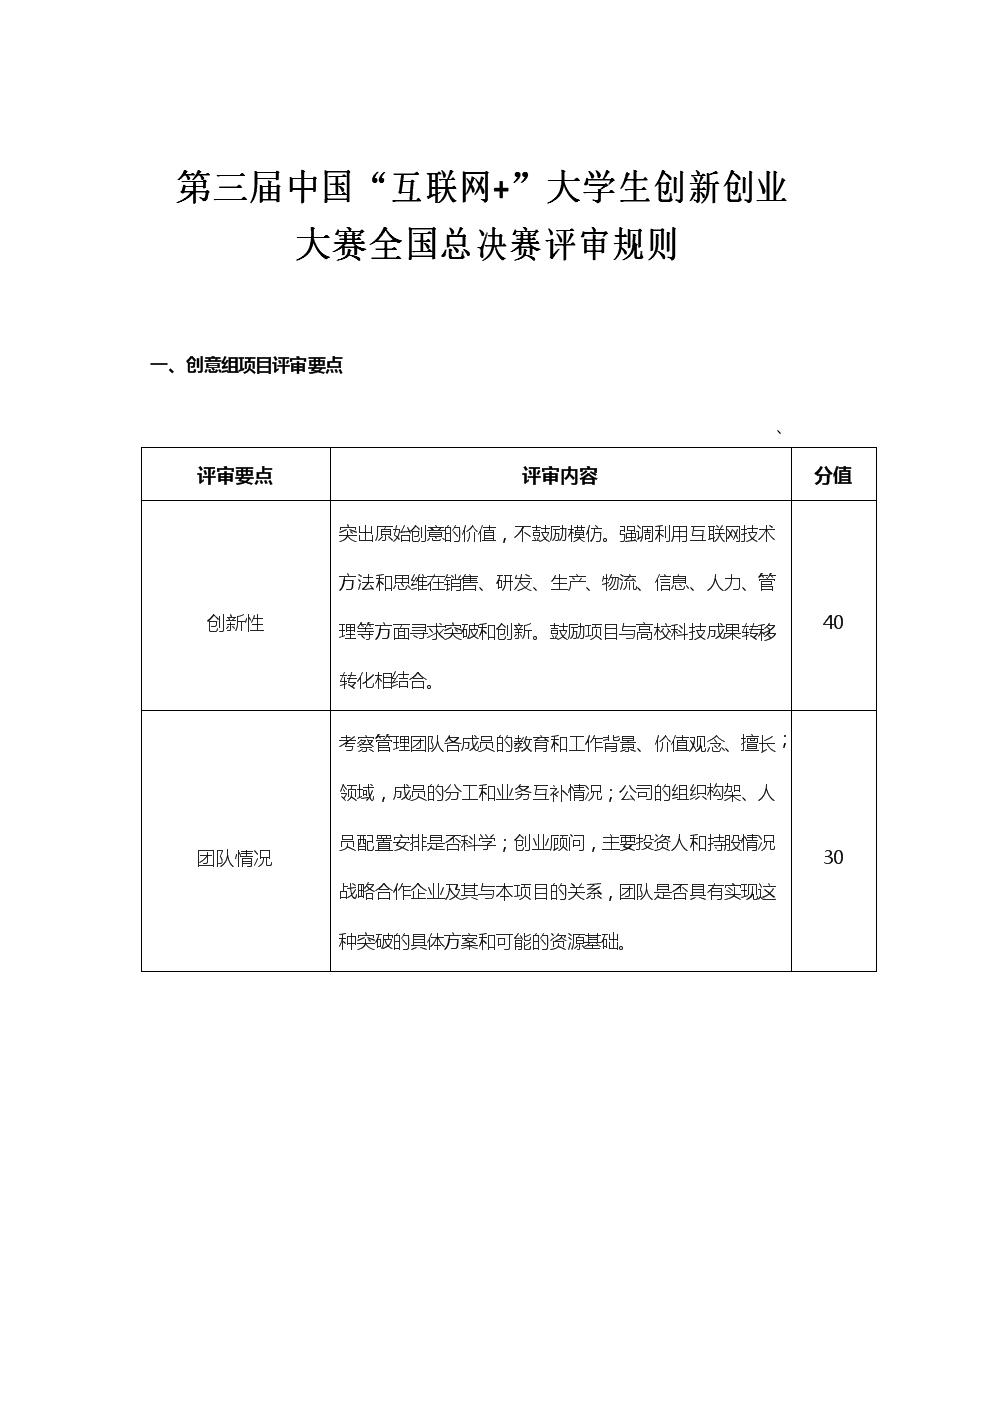 第三届互联网+大赛评审规则.docx